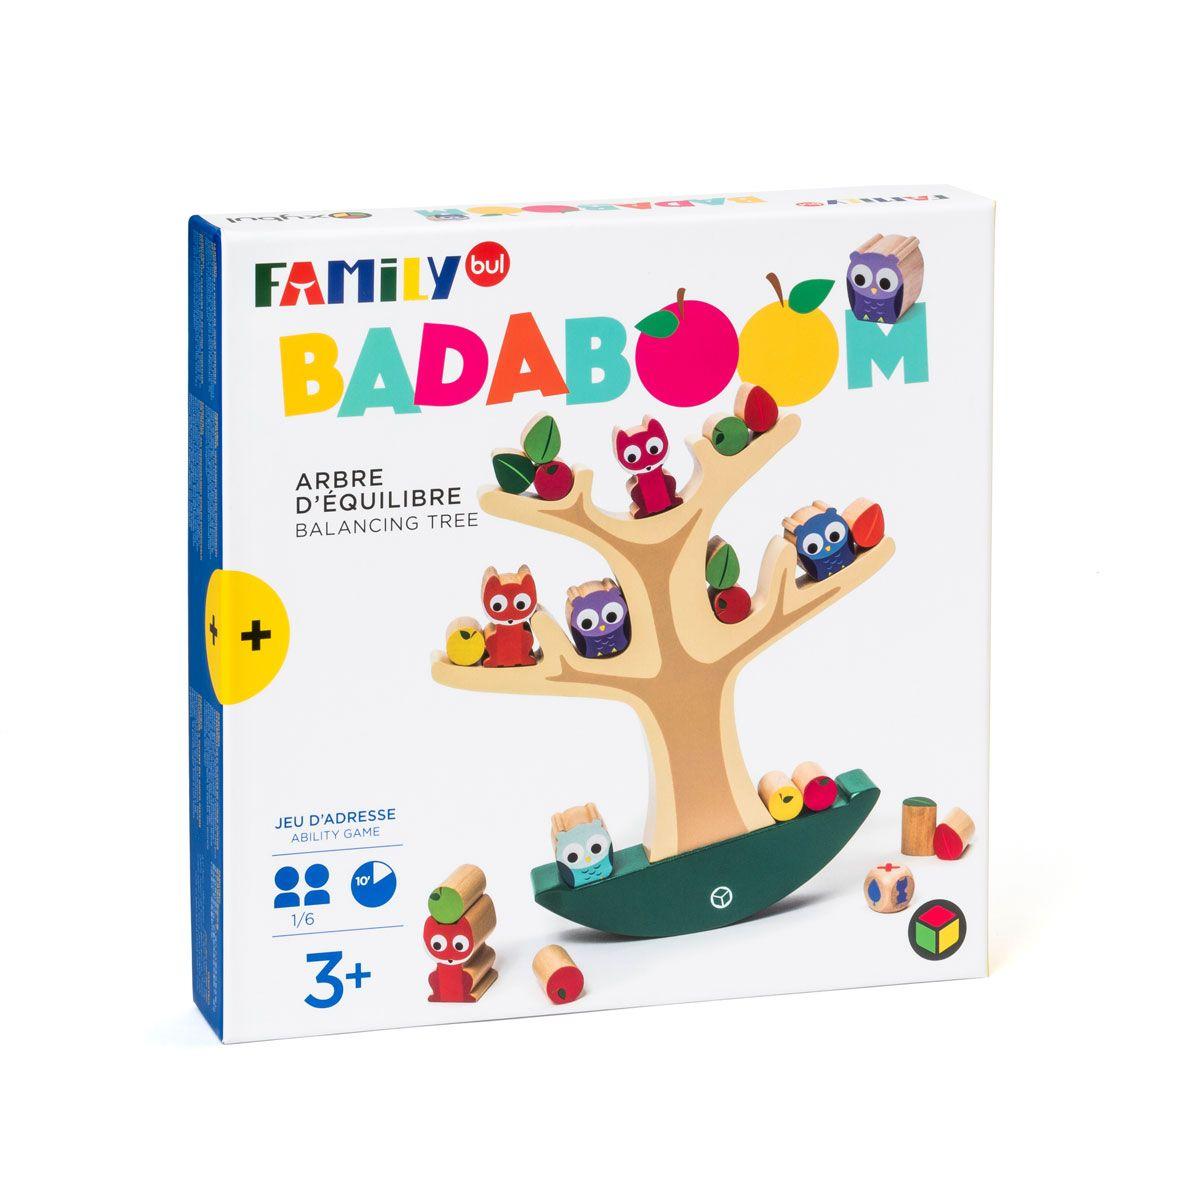 Jeu De Société L'arbre D'équilibre Badaboom Familybul pour Jeux Interactifs 6 Ans